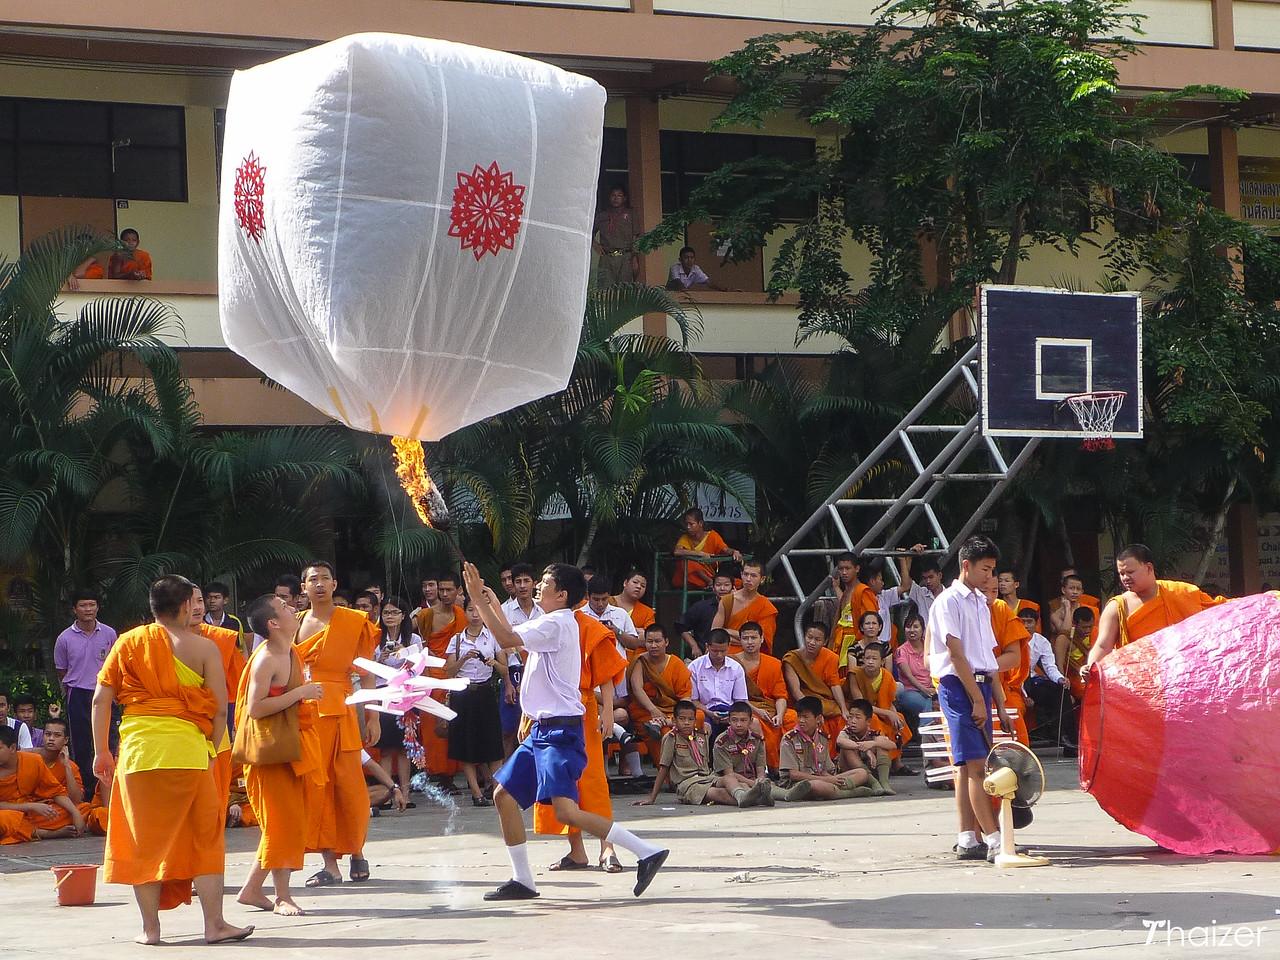 releasing khom fai lanterns during the Yi Peng Festival in Chiang Mai